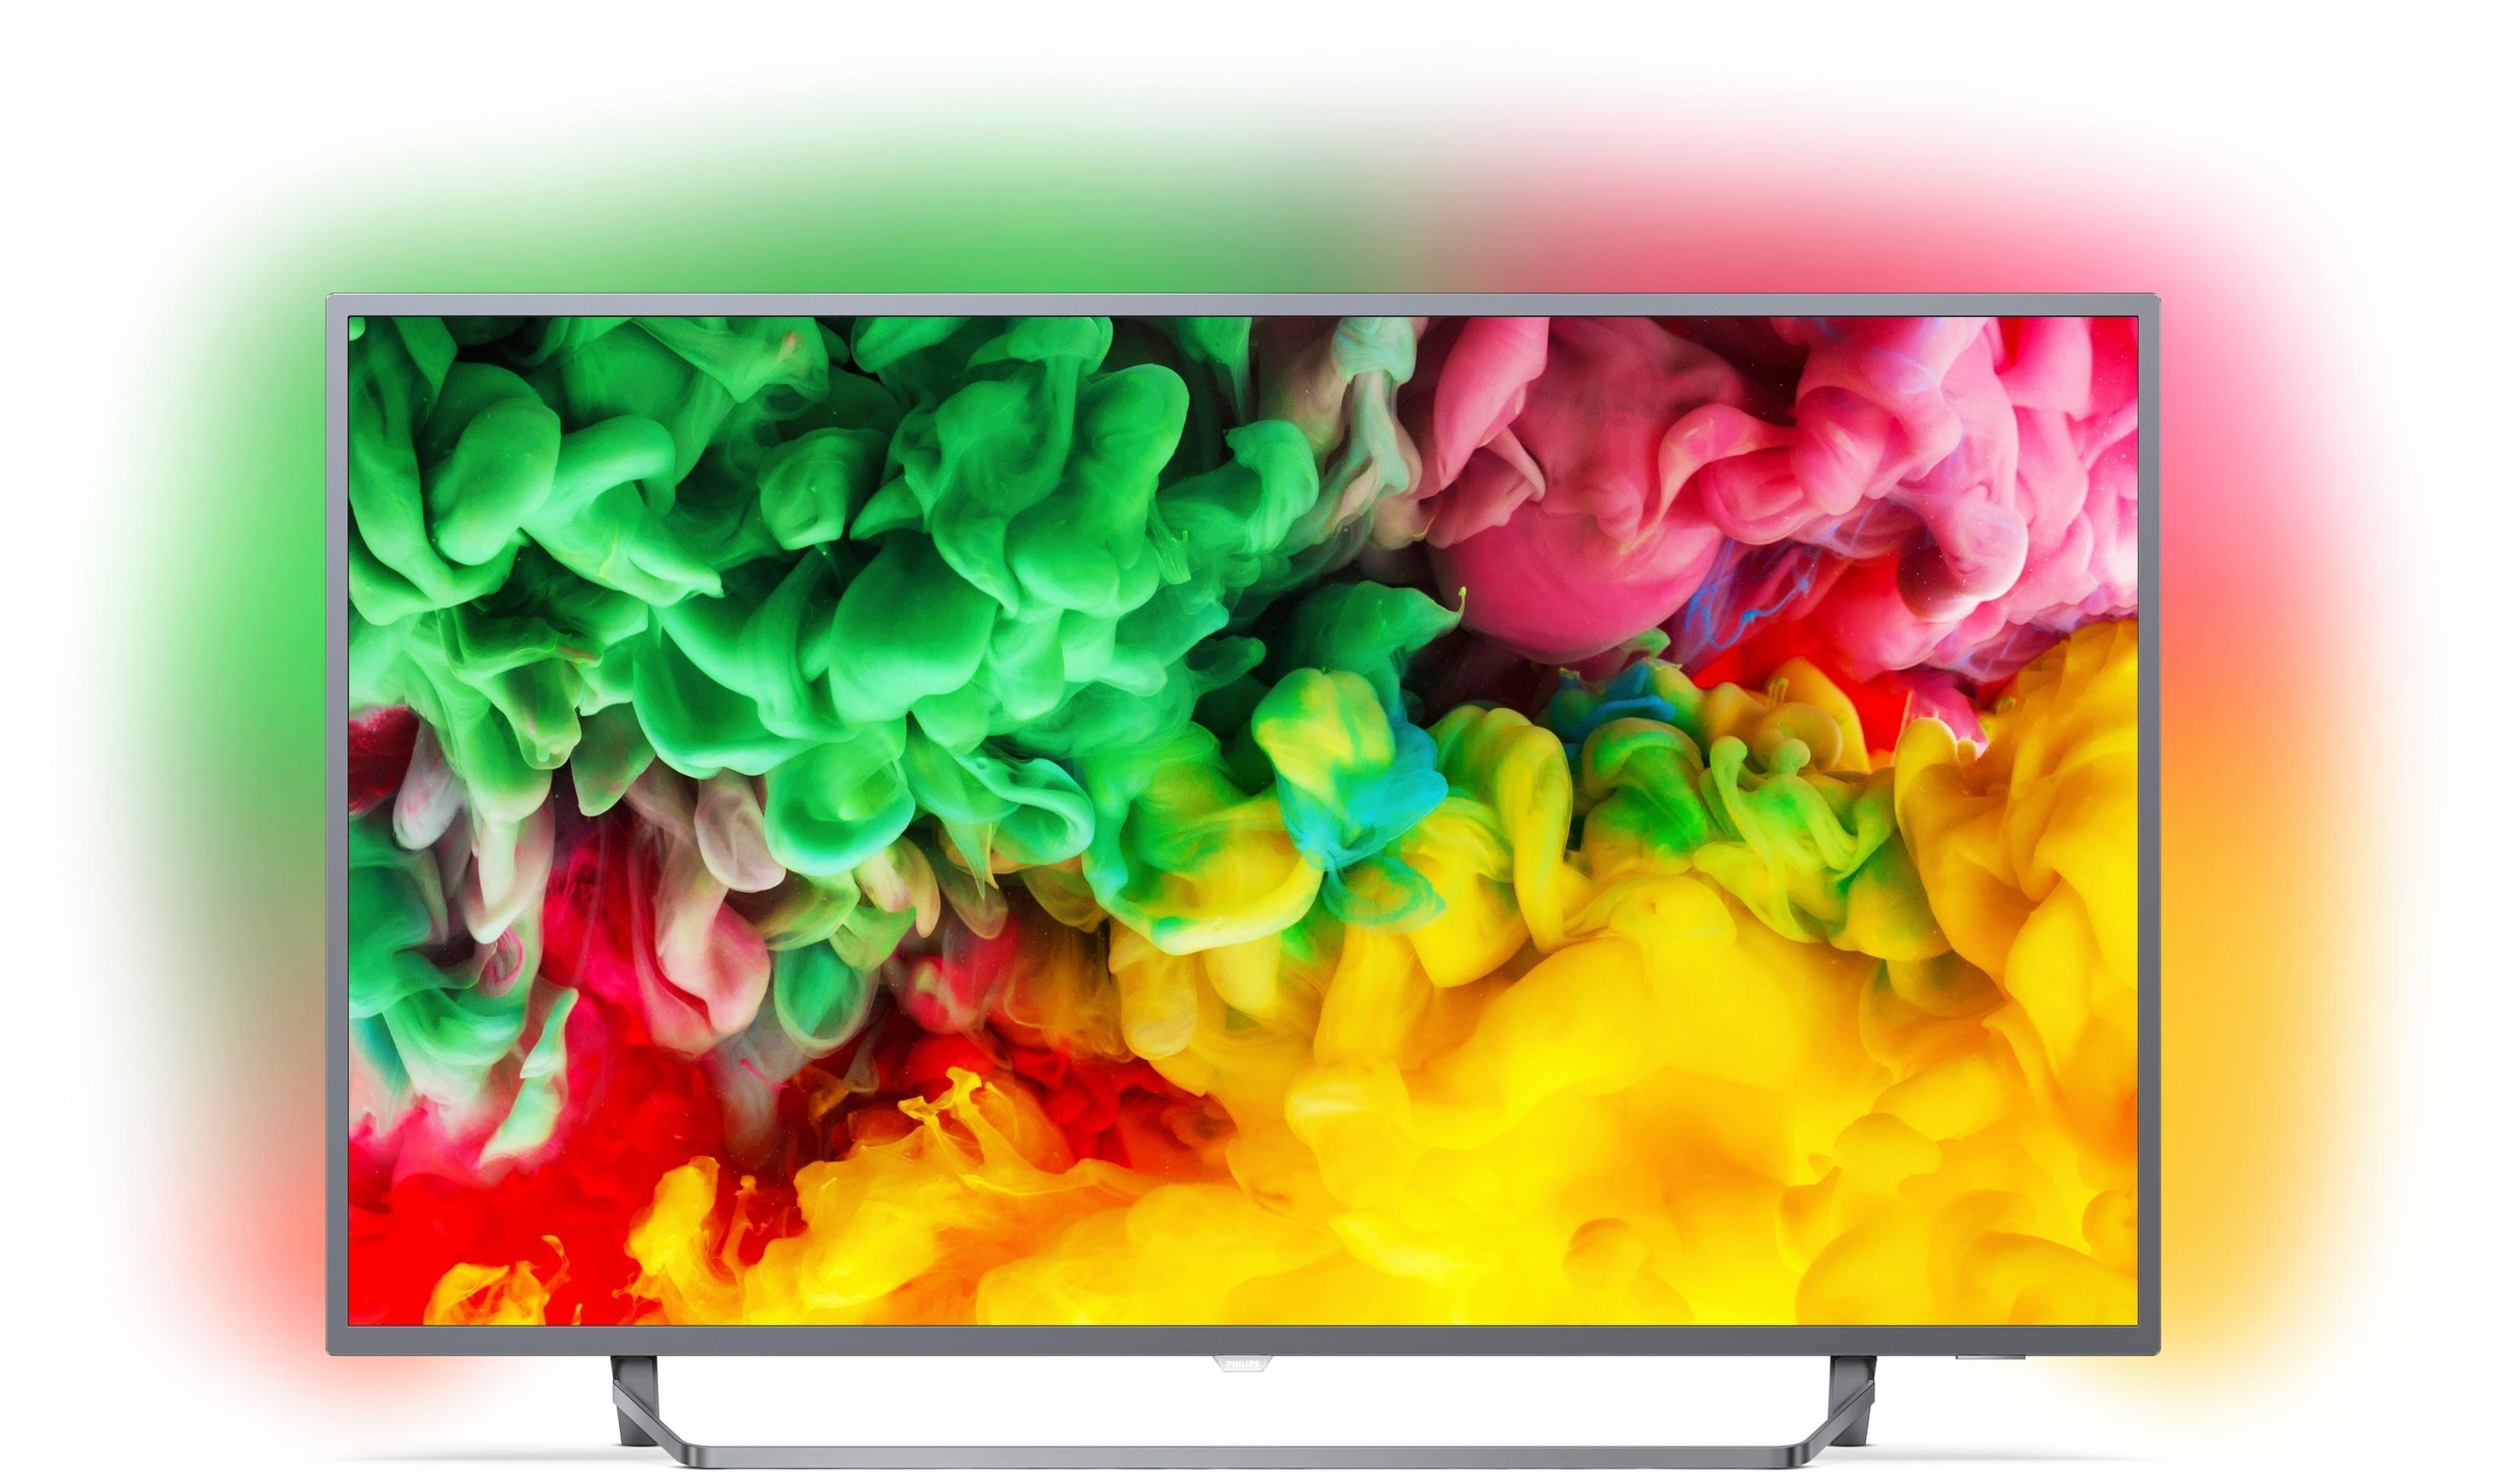 Philips 65PUS6753 led-tv (164 cm / 65 inch), smart-tv, 4K Ultra HD bestellen: 14 dagen bedenktijd